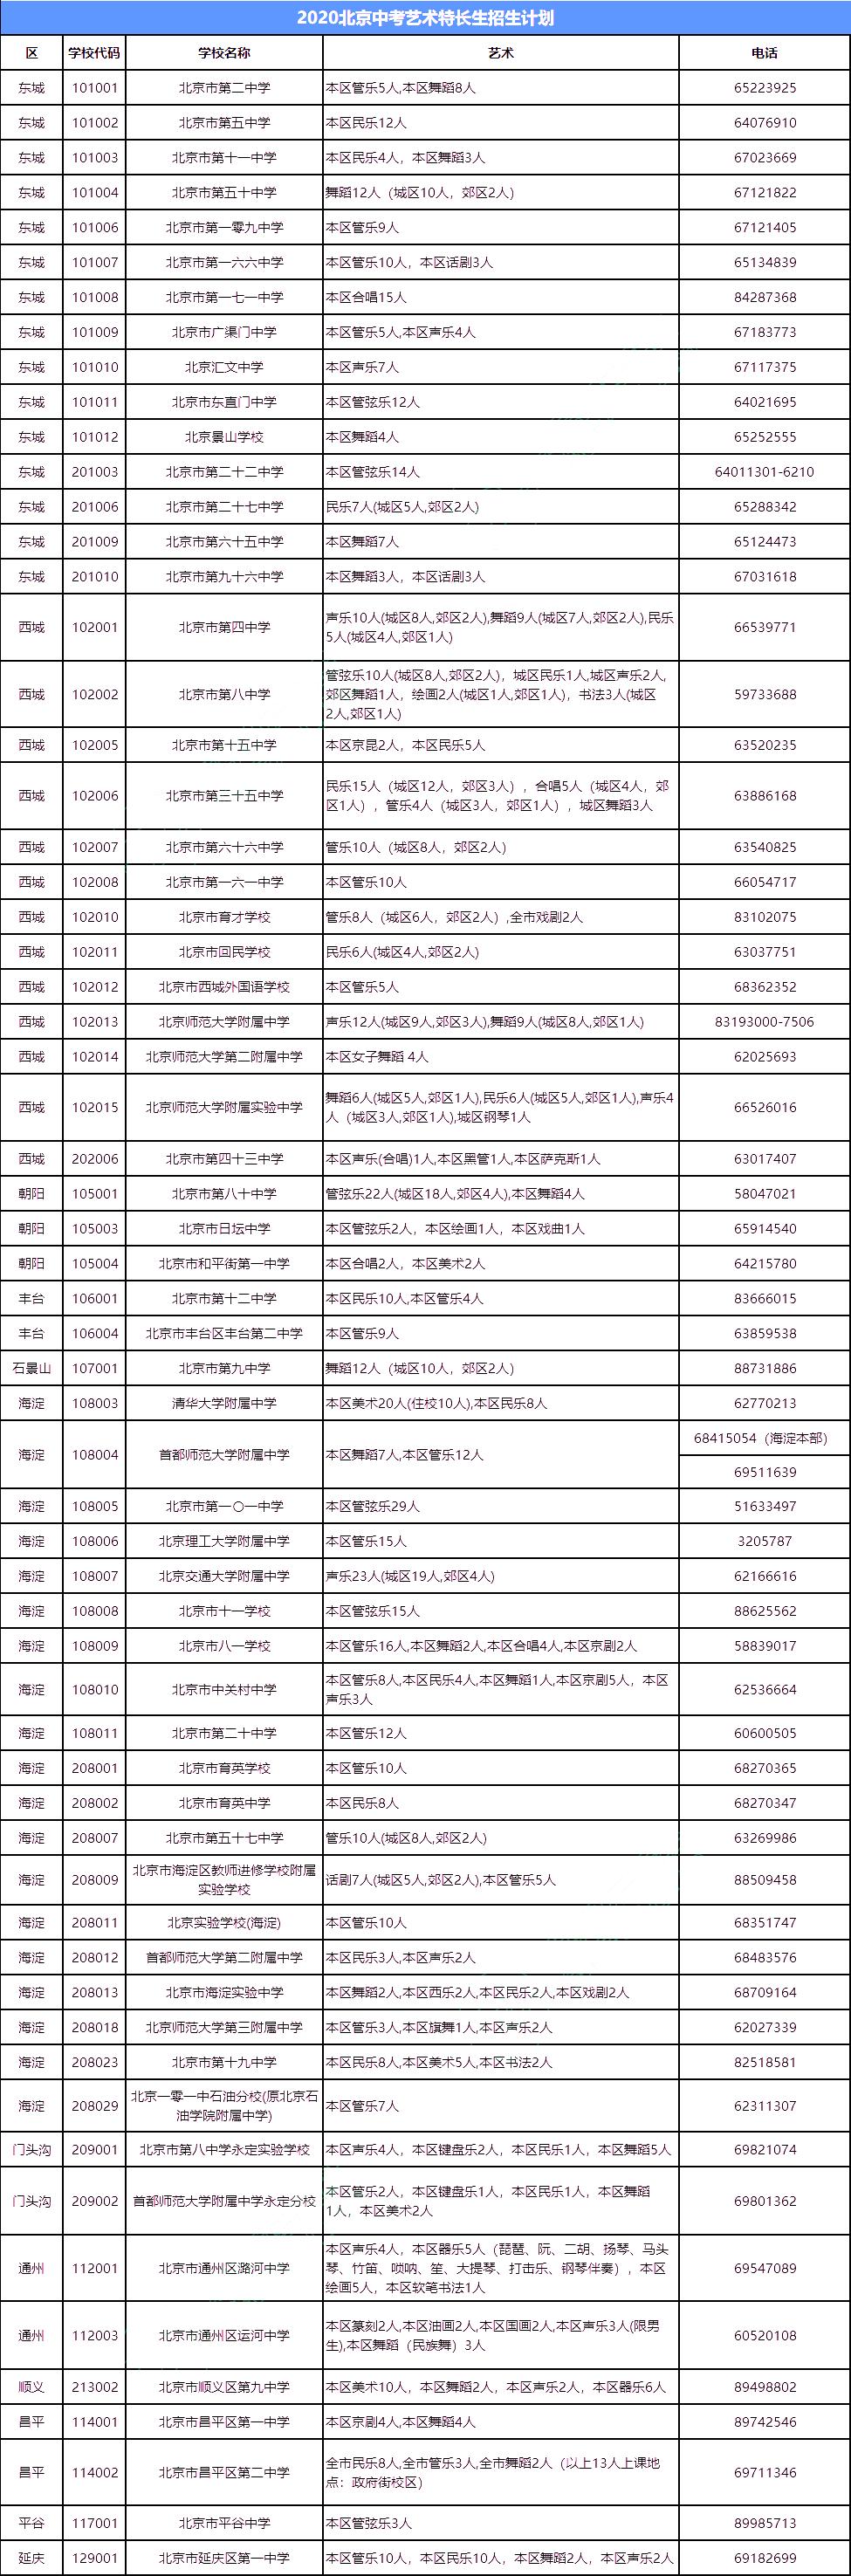 沐鸣平台总代-首页【1.1.4】